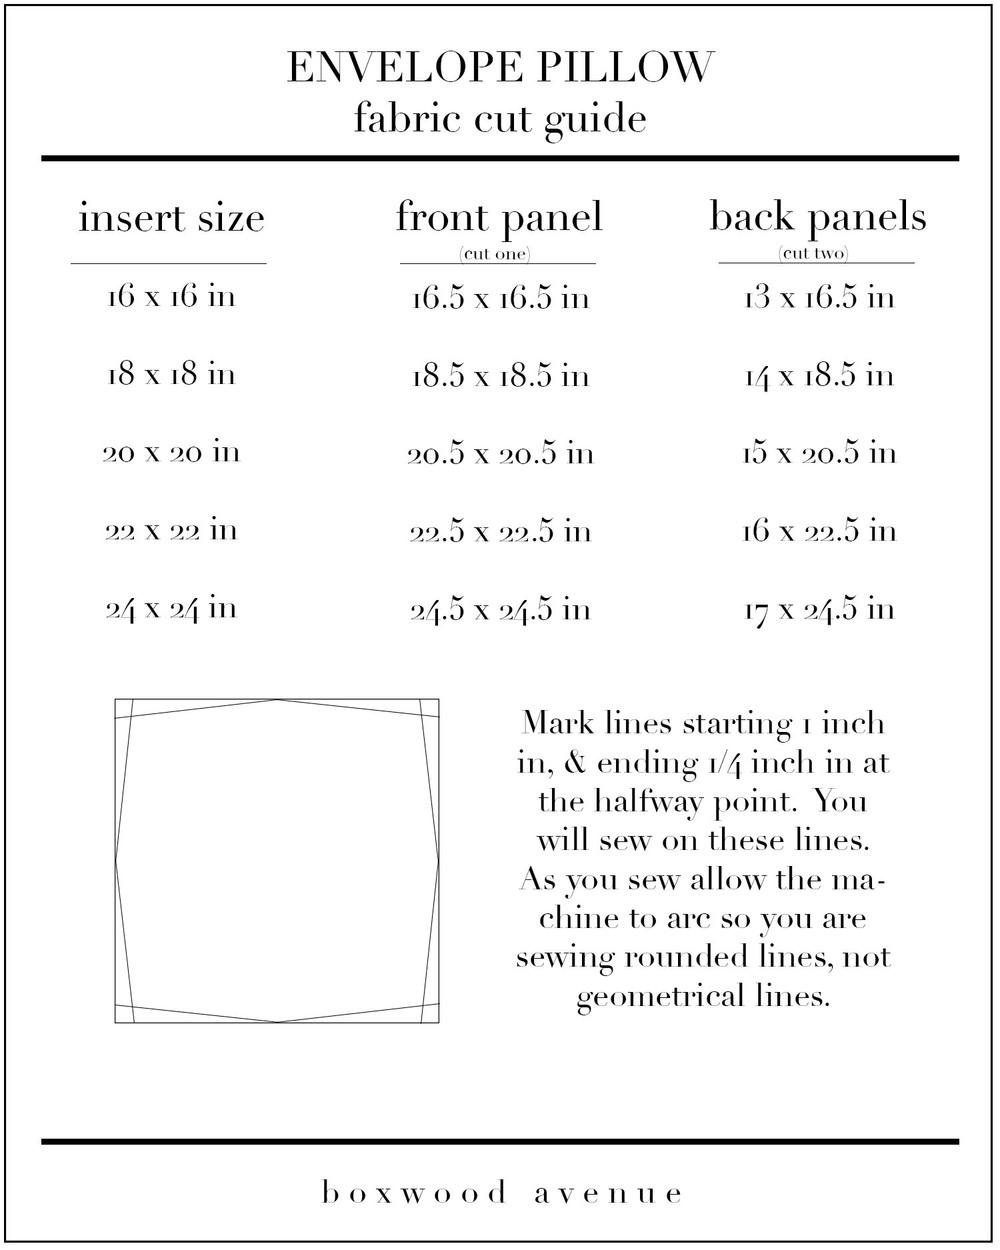 Boxwood Avenue's Envelope Pillow Cut Guide